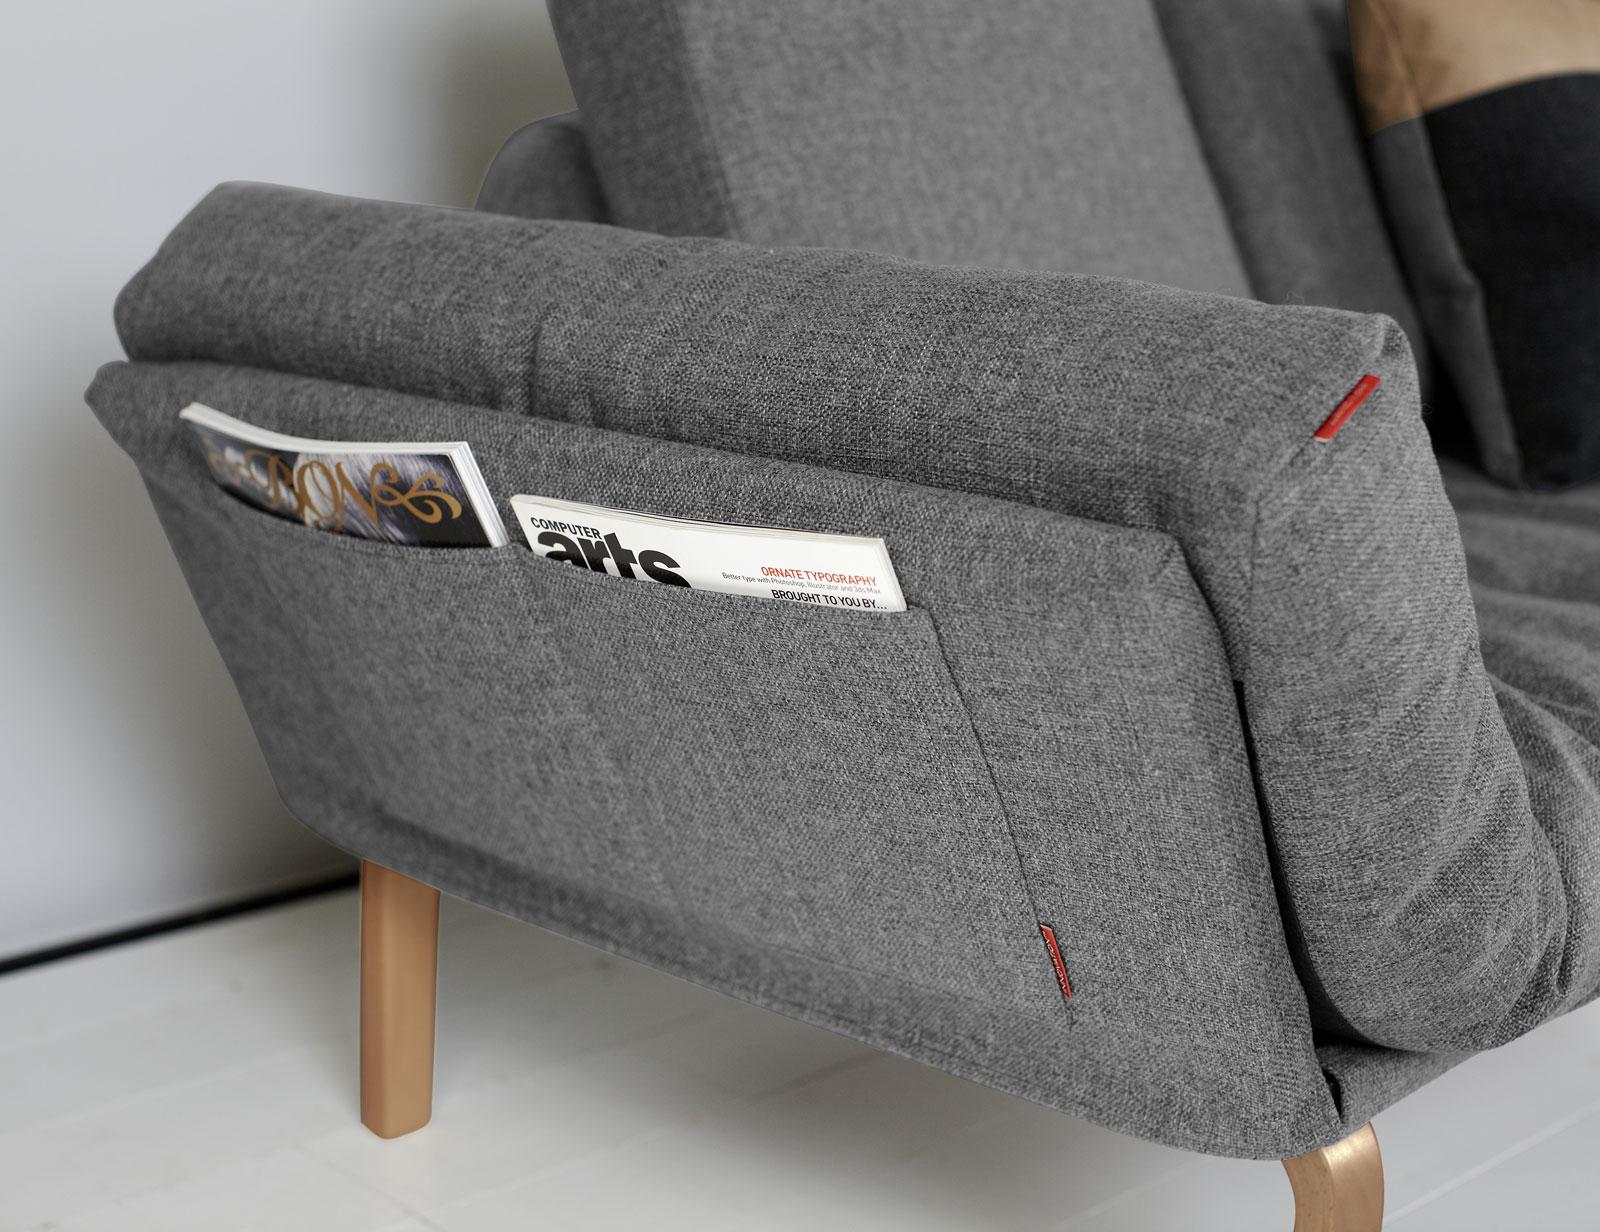 der optionale gestellbezug wartet mit zwei praktischen taschen je seite auf - Eckschlafsofa Die Praktischen Sofa Fur Ihren Komfort